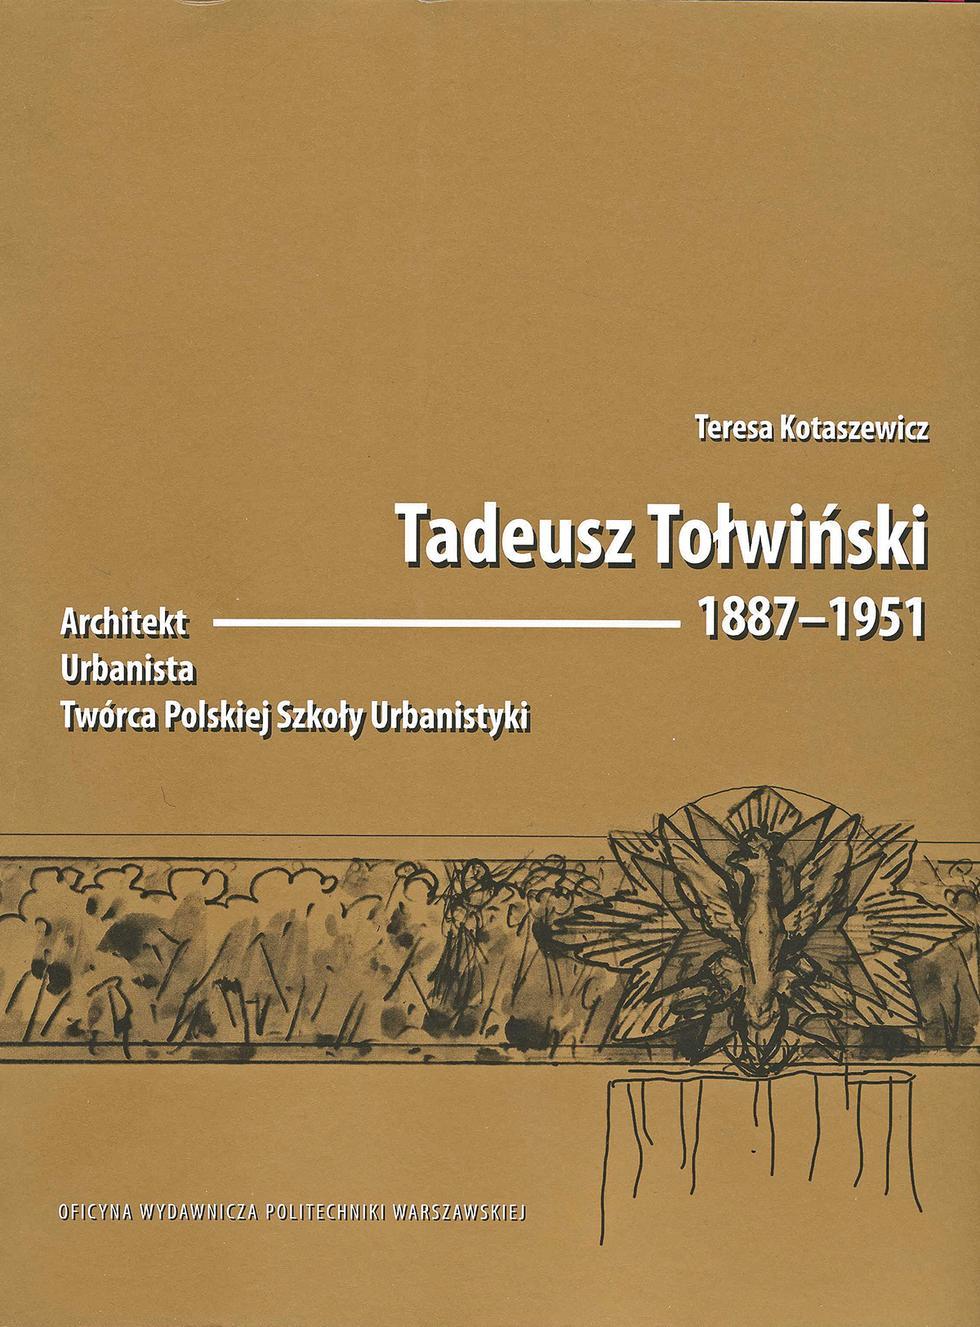 Tadeusz Tołwiński 1887-1951. Architekt. Urbanista. Twórca Polskiej Szkoły Urbanistyki